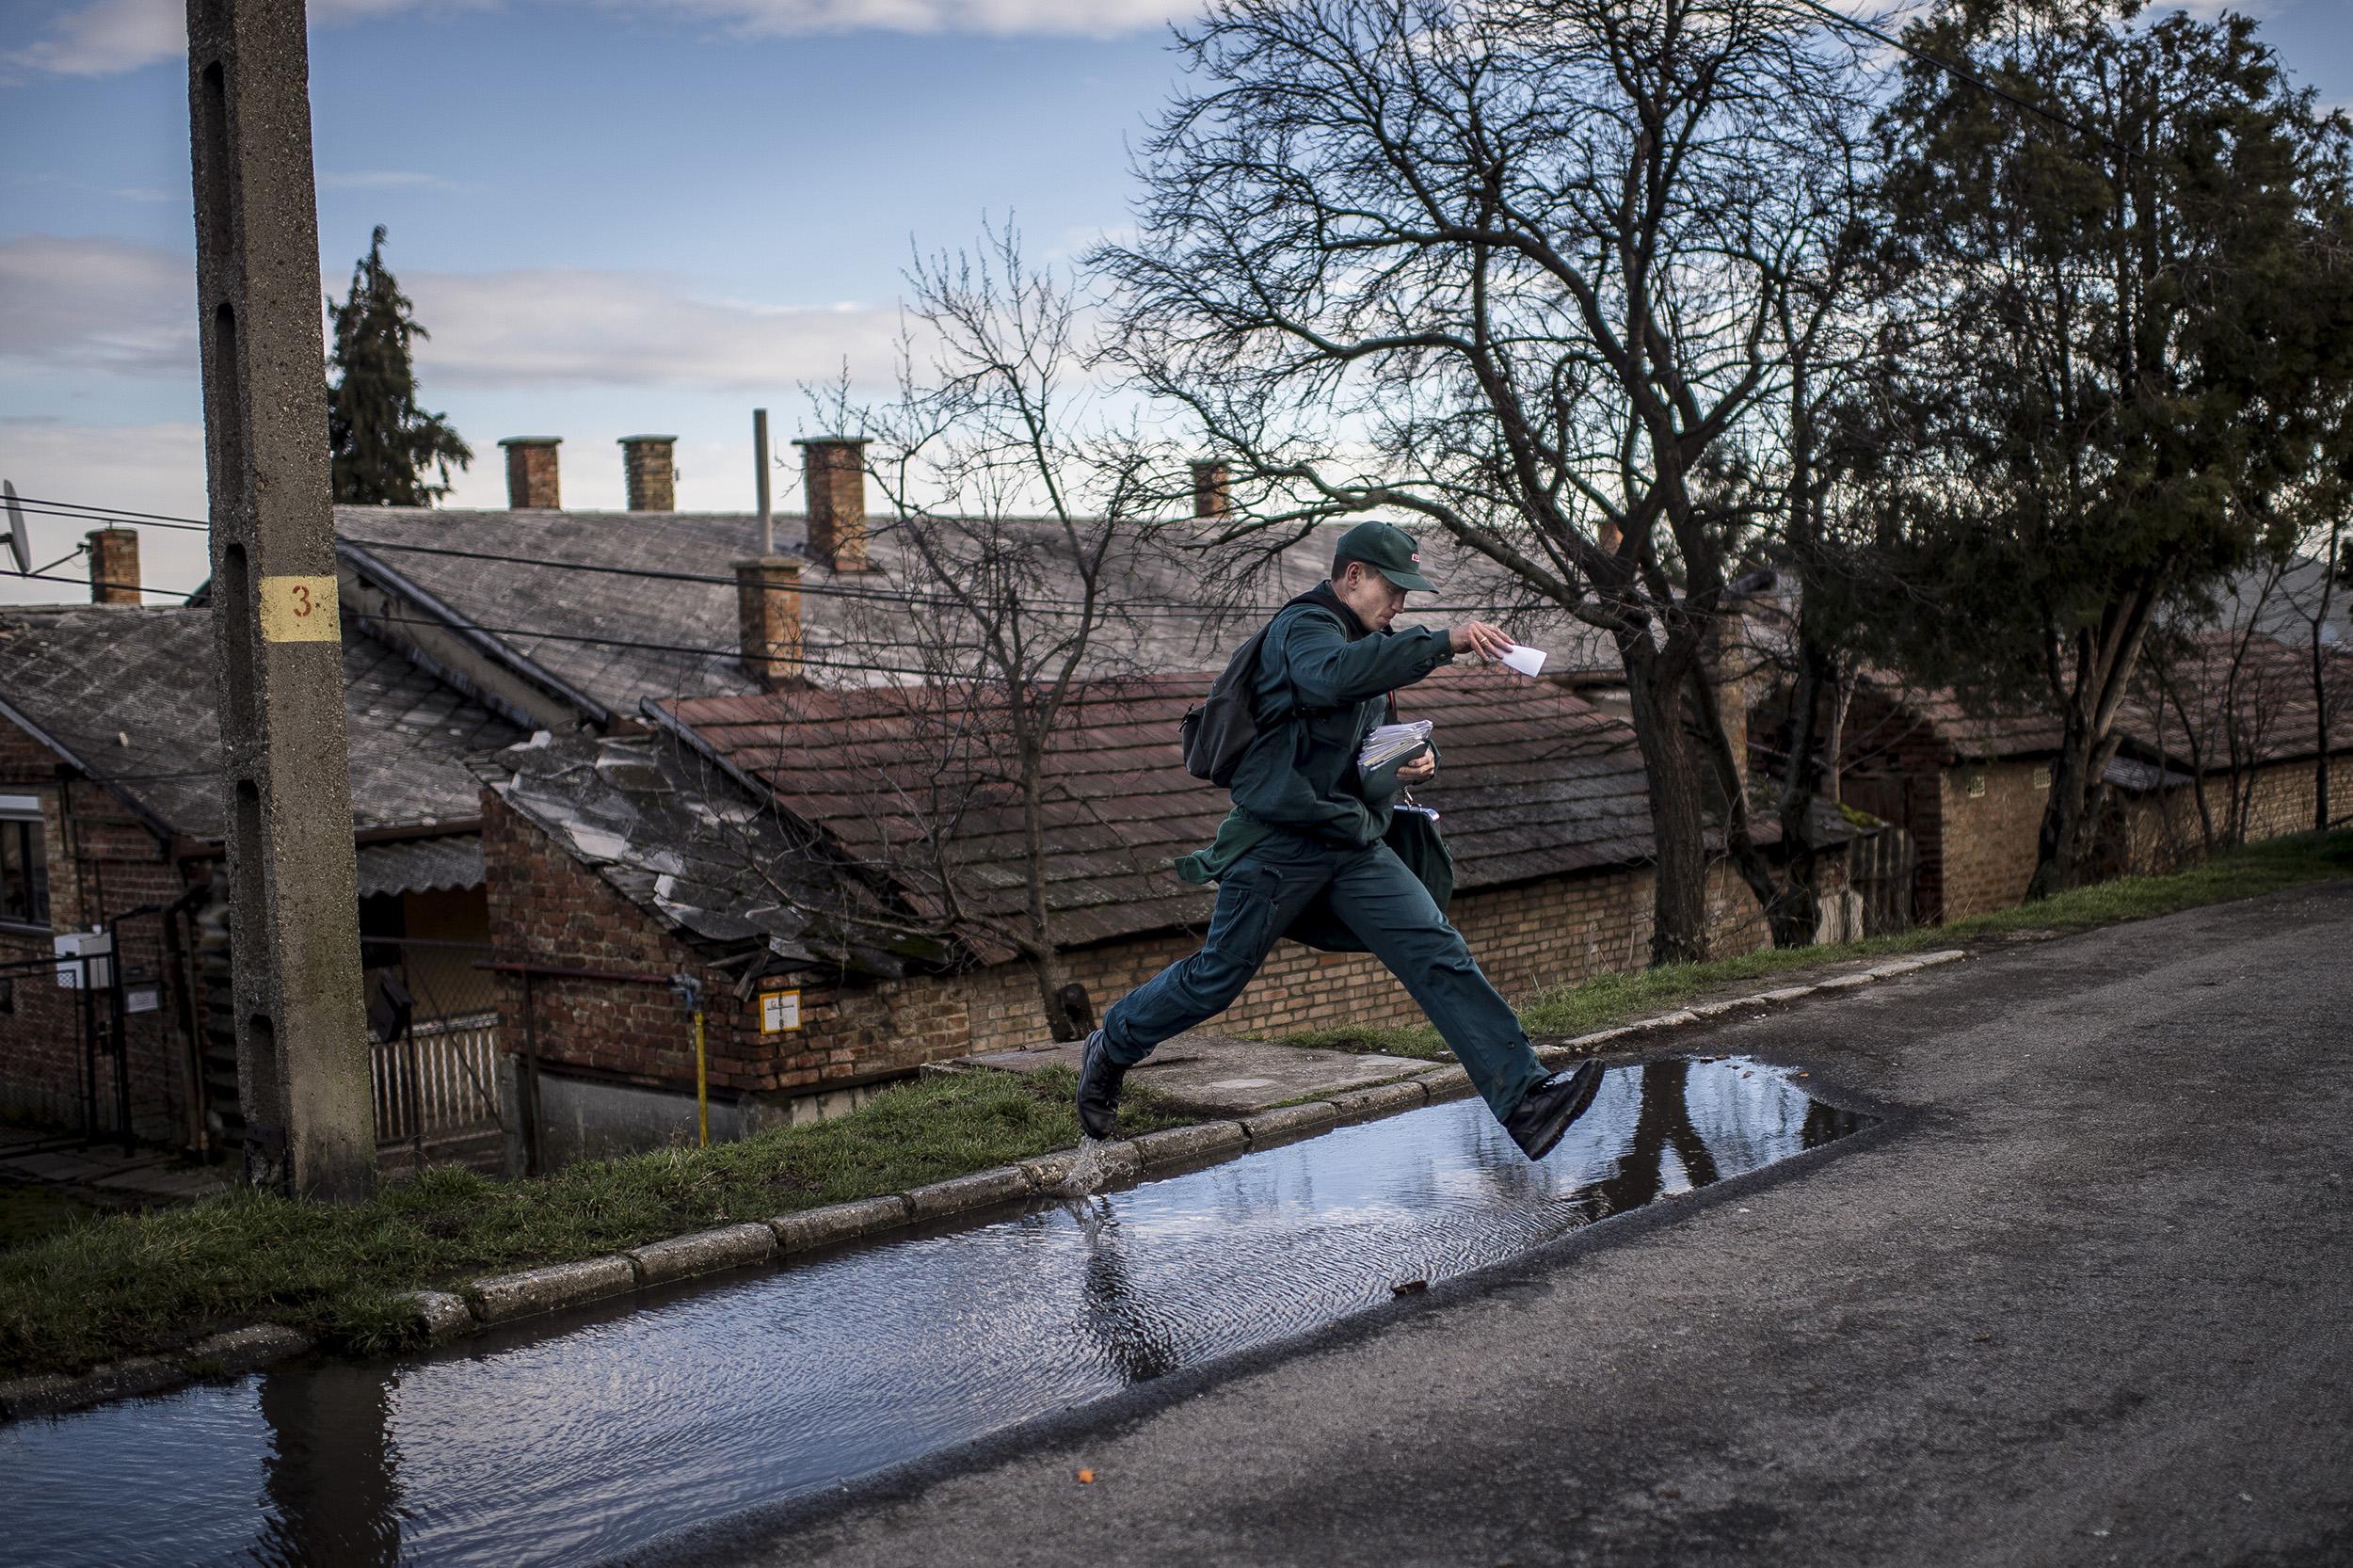 A Pictures Of the Year International első helyezett anyaga 2014-ben, A postás aki a szegénysorra kérte magát  a képre kattintva megtekinthető a POYi honlapján.